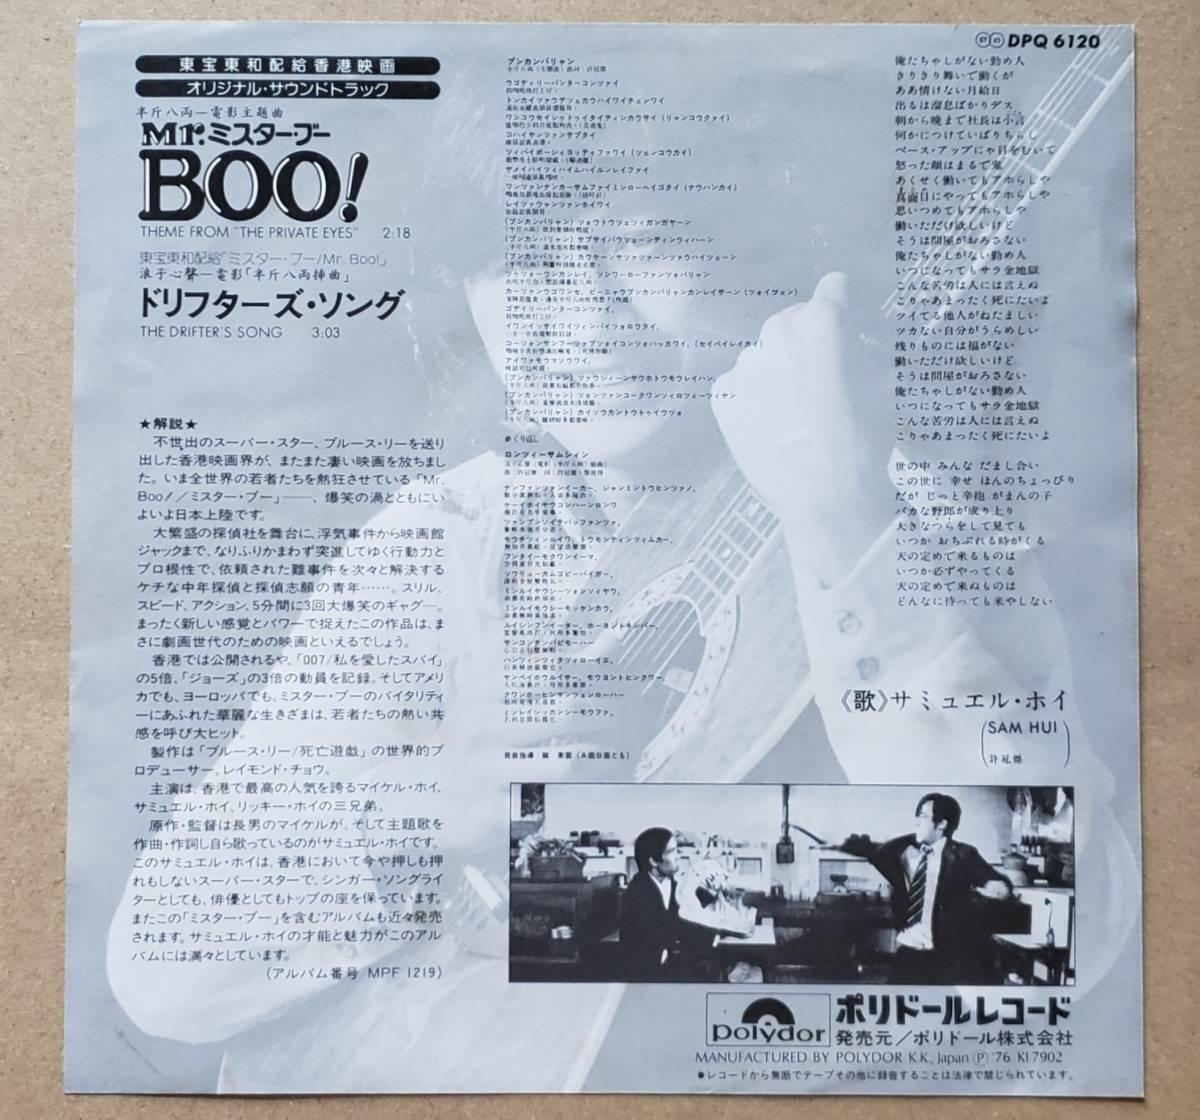 即決!美盤サントラ主題歌EP『Mr.BOO! ミスター・ブー / ドリフターズ・ソング◎サミュエル・ホイ』DPQ6120 カタカナ歌詞付 ネタ テーマ曲_画像2